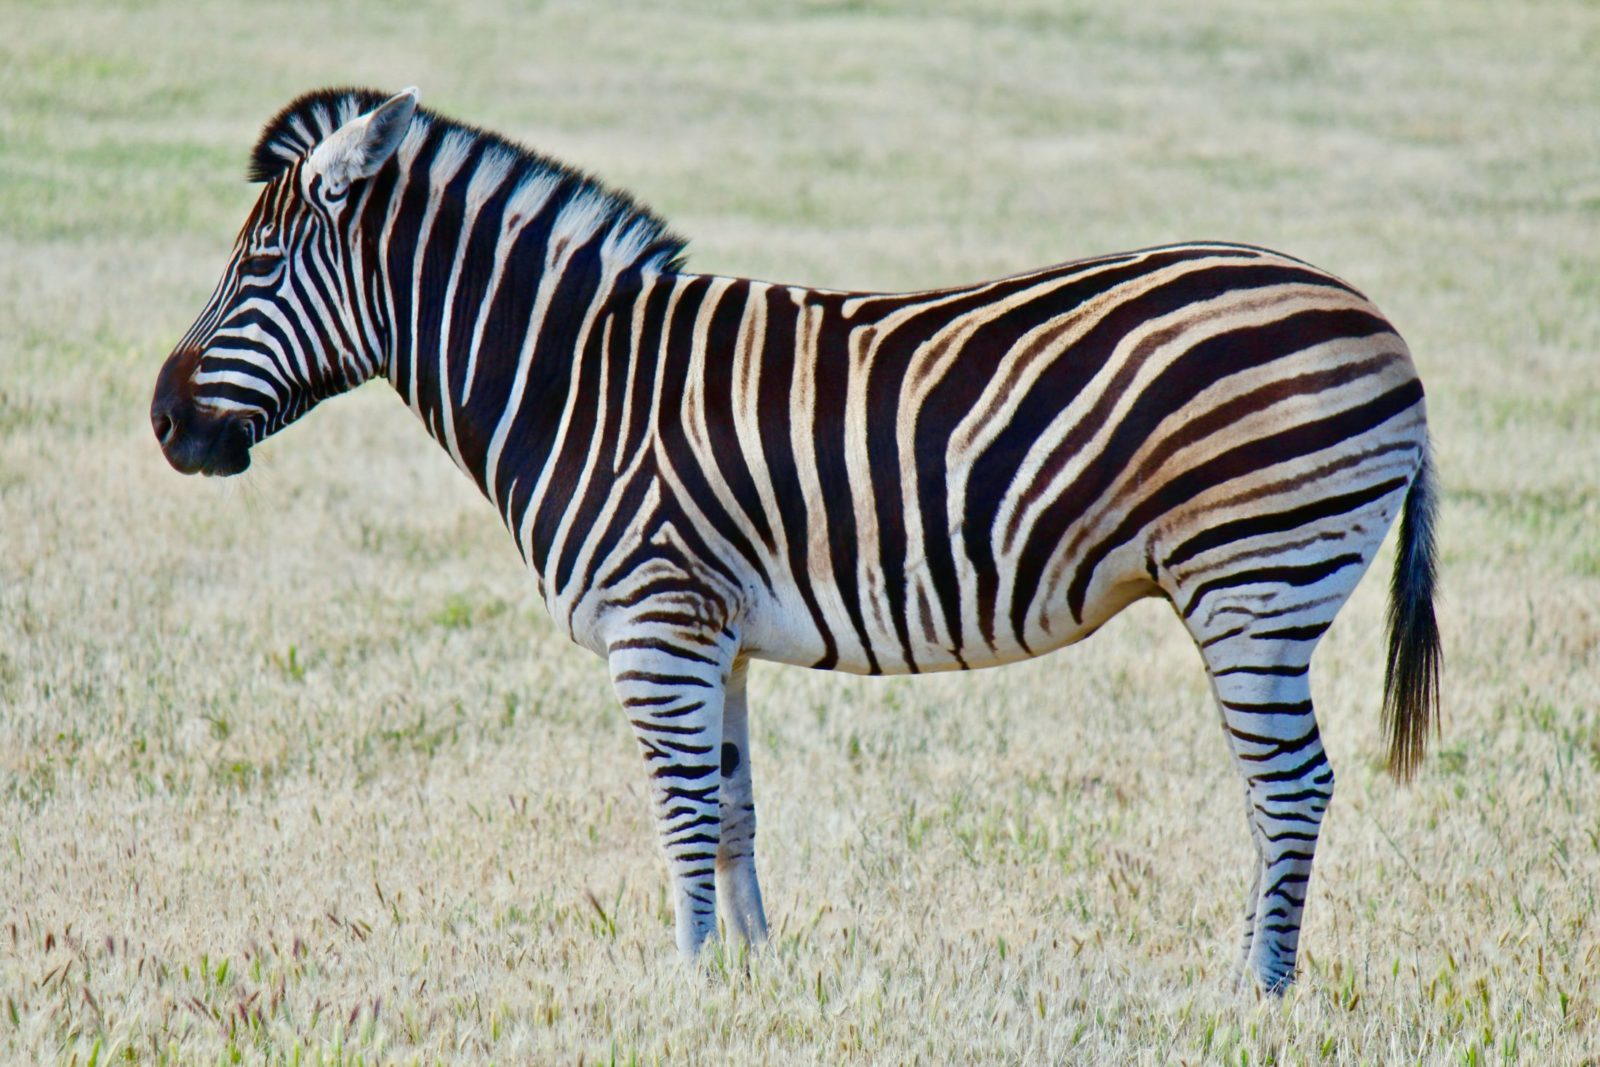 Sonhar com zebra é sempre sinal de sorte e viagens